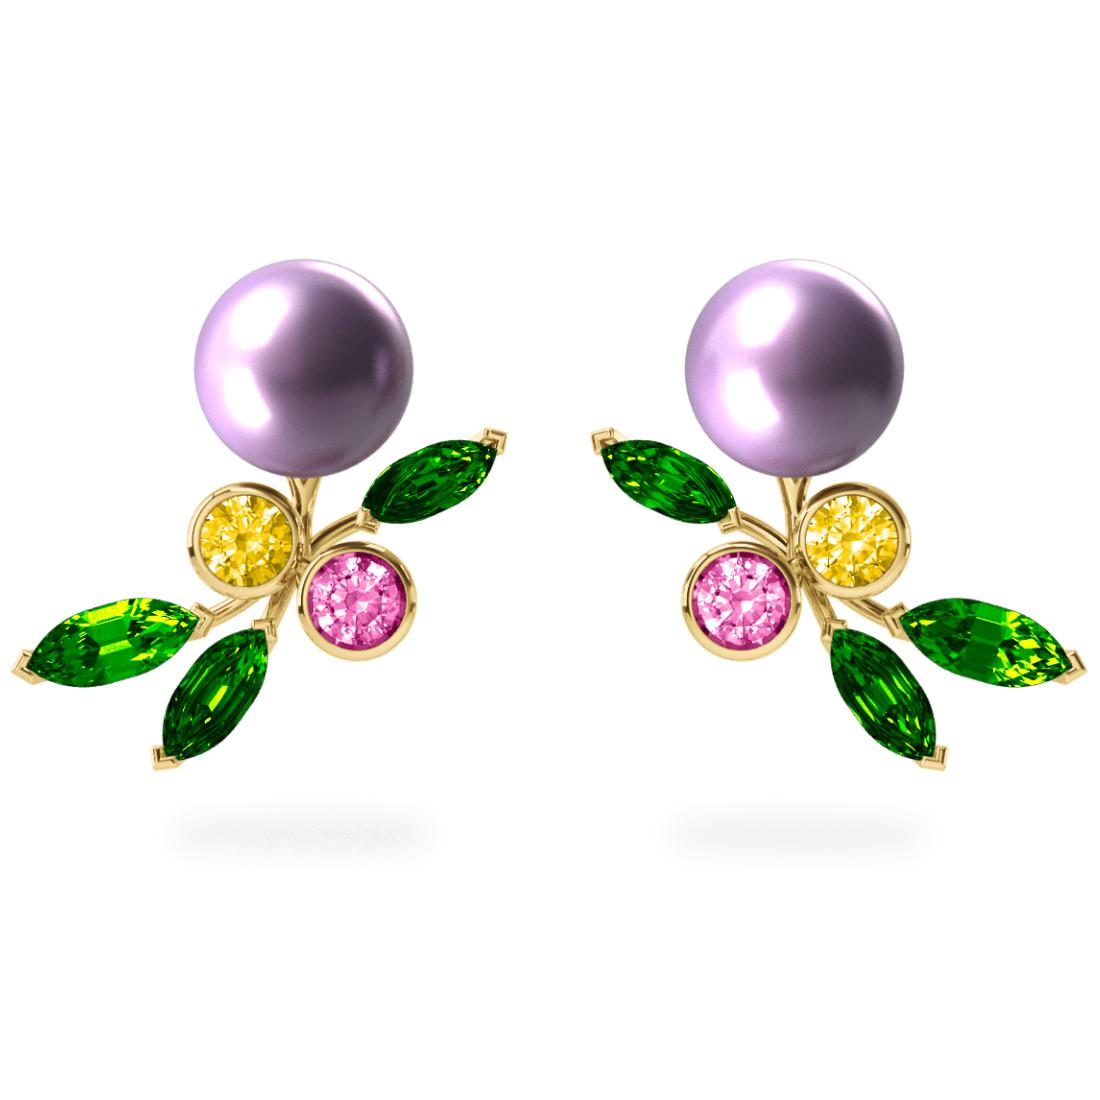 Boucles d'oreilles My Angel Lavande - Saphirs, diamants, tsavorites & perles d'eau douce <br /> Or jaune 18 carats